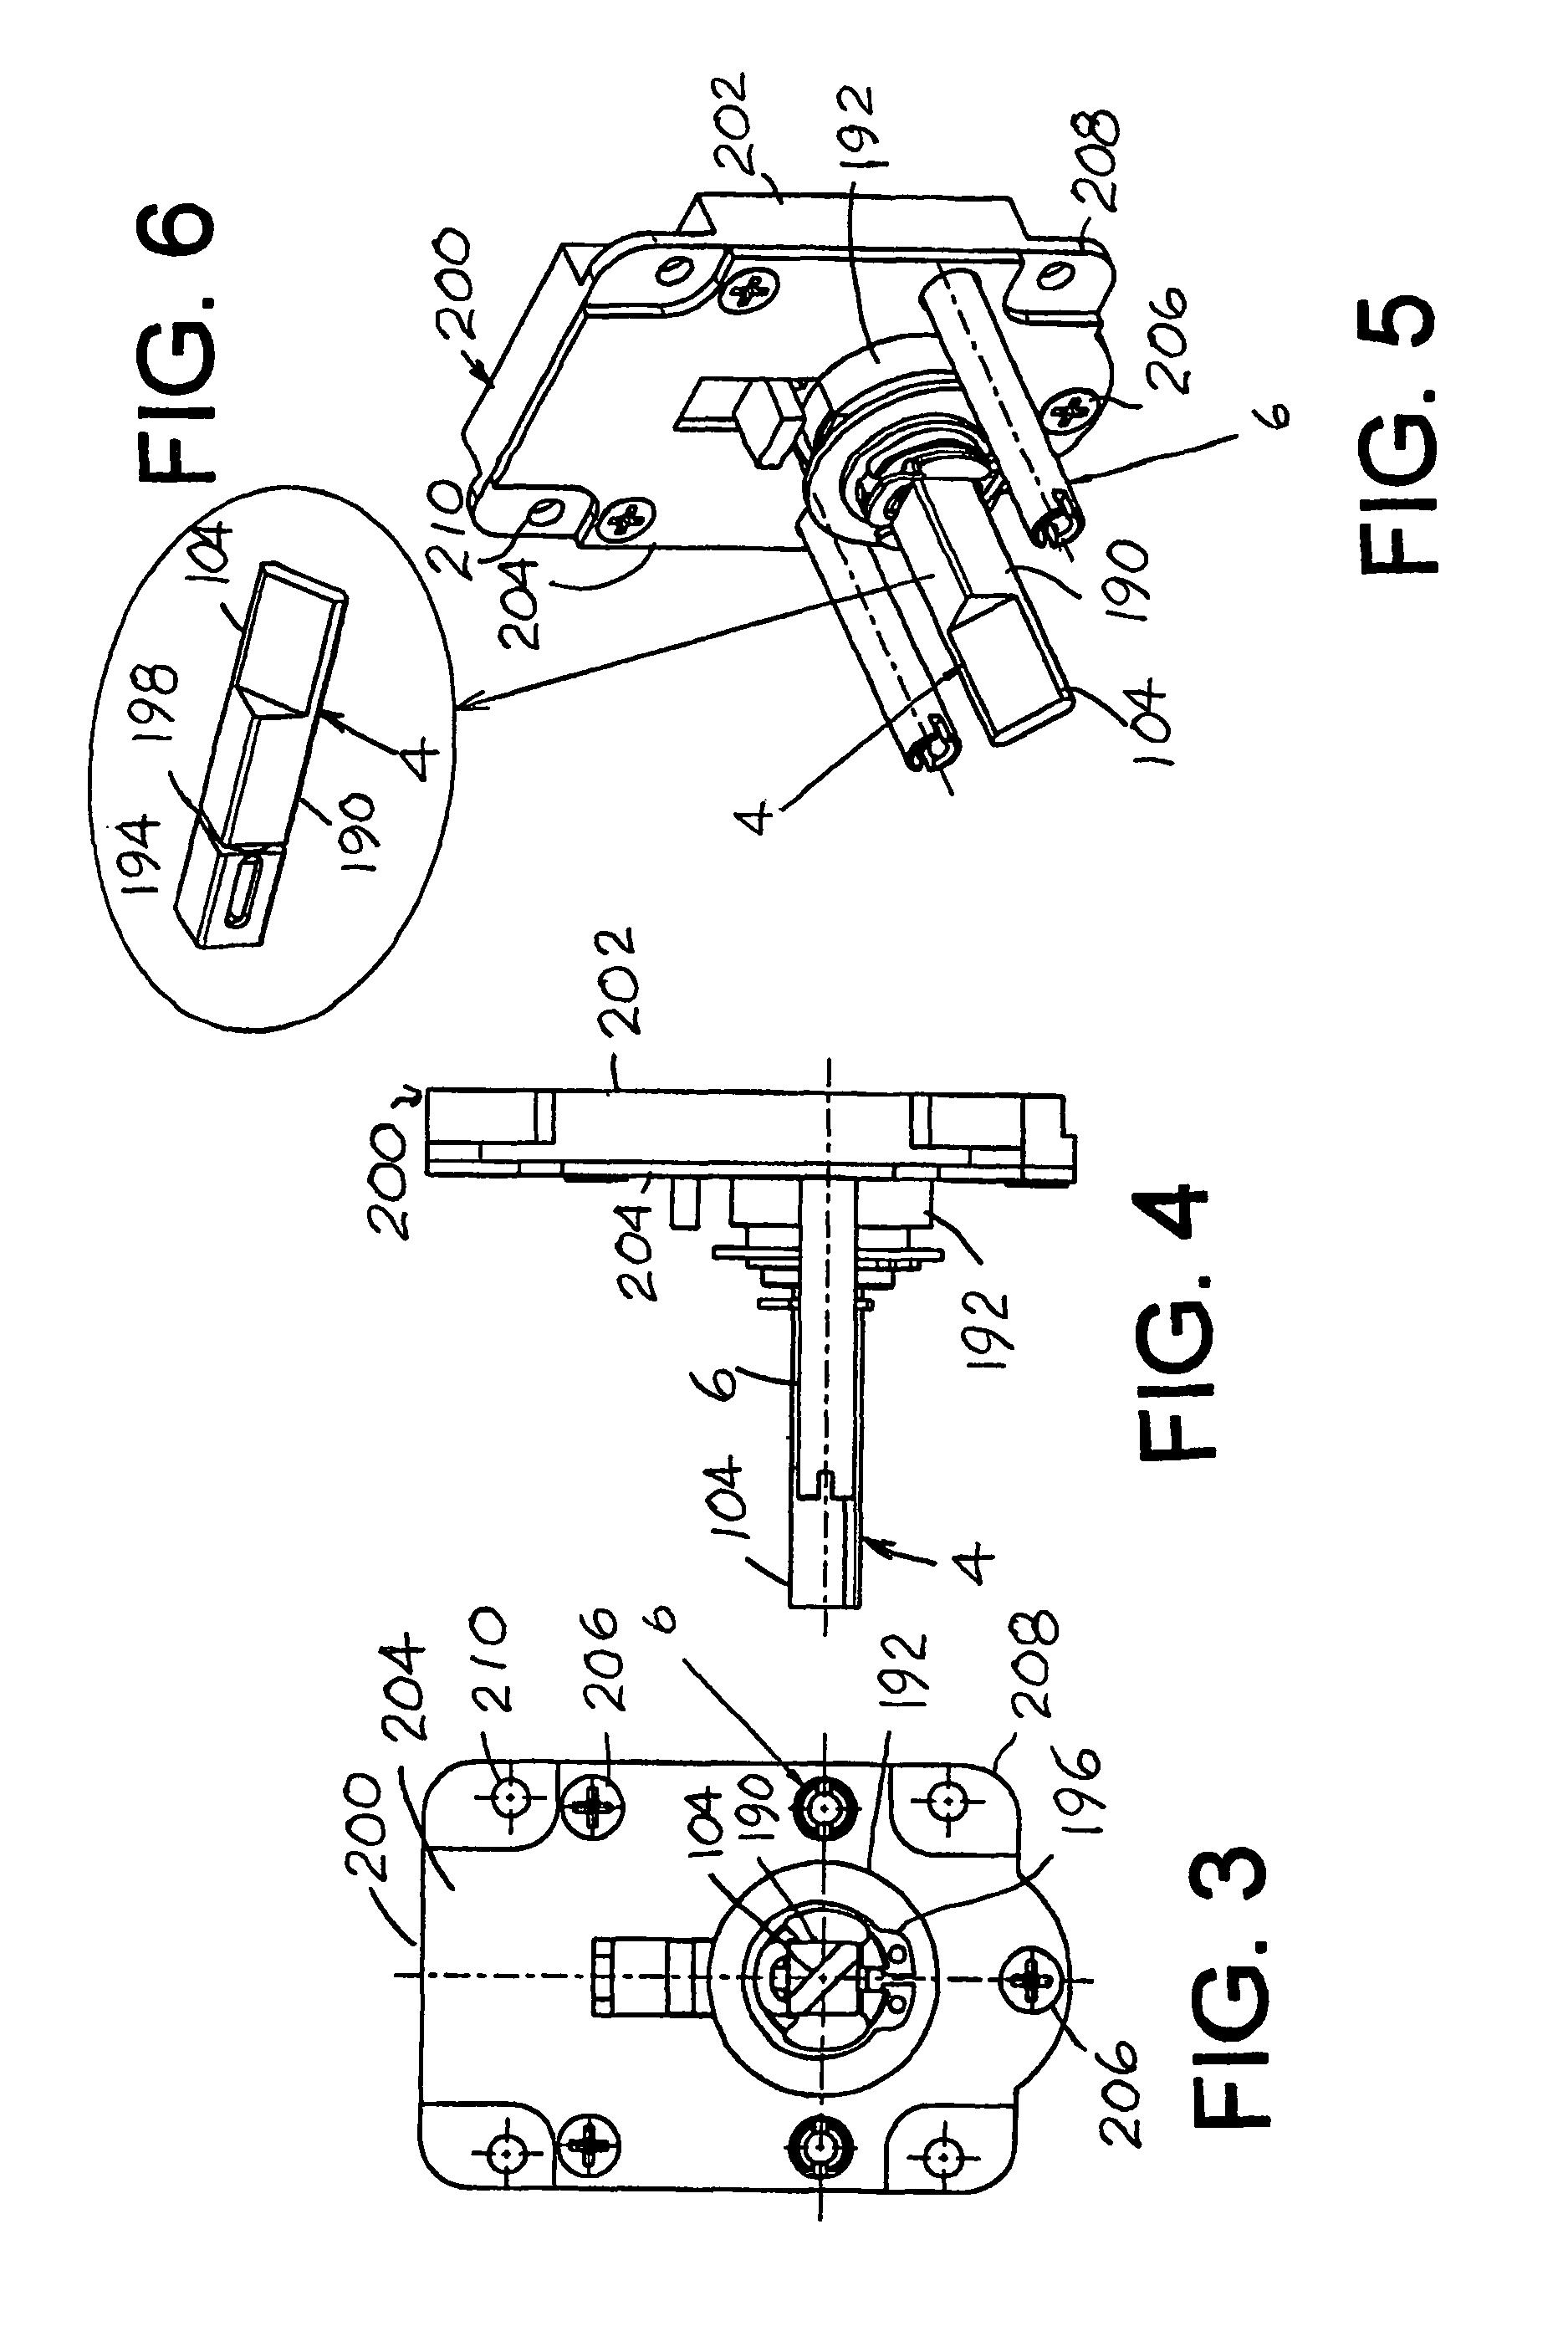 Schlage locks parts diagram Schlage Locks Parts Diagram Schlage ...